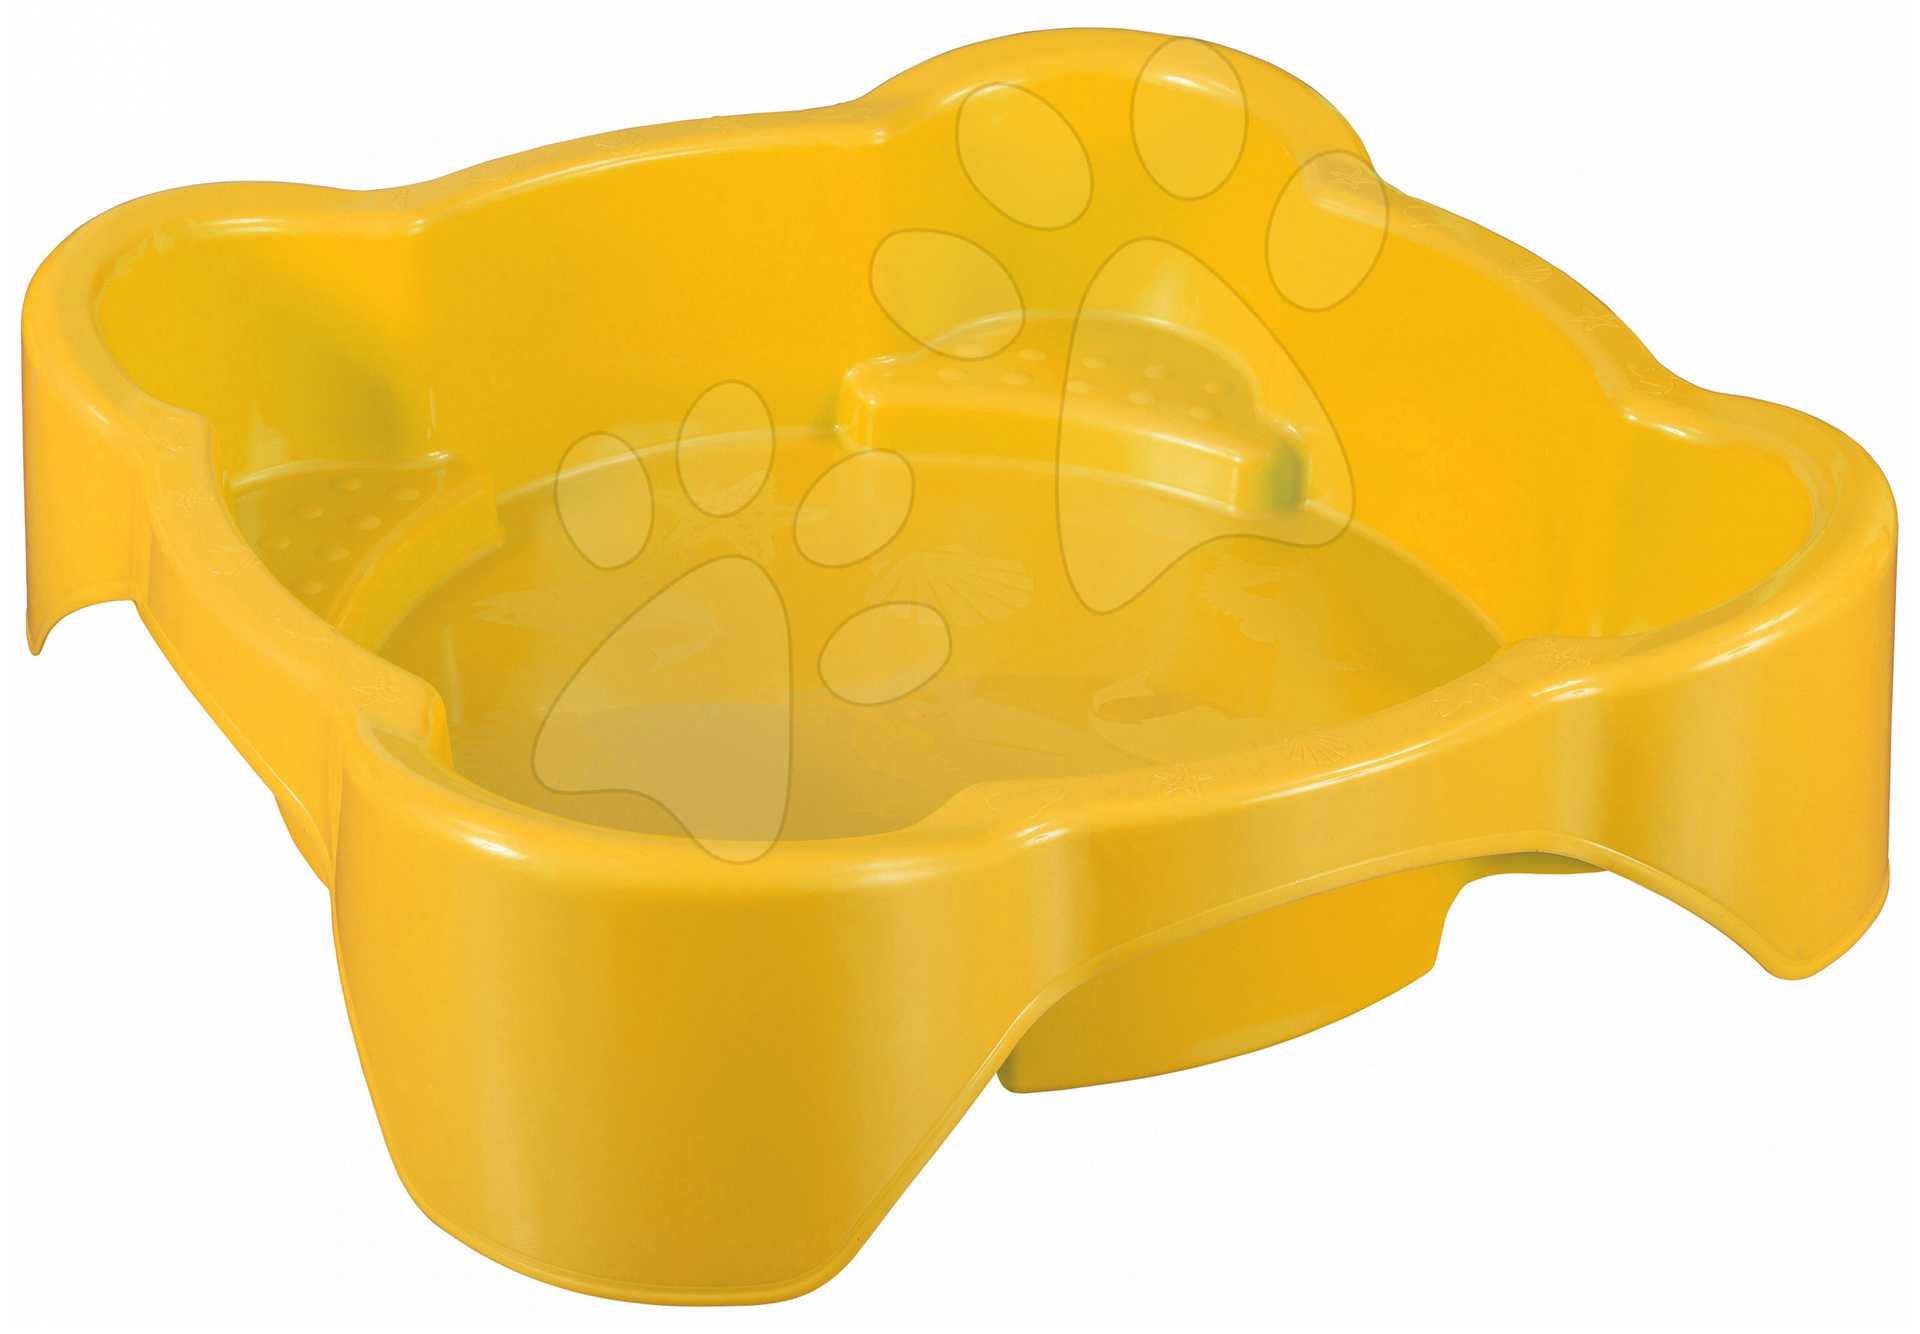 Pieskoviská pre deti - Pieskovisko Kvet PalPlay štvorec žlté od 24 mes